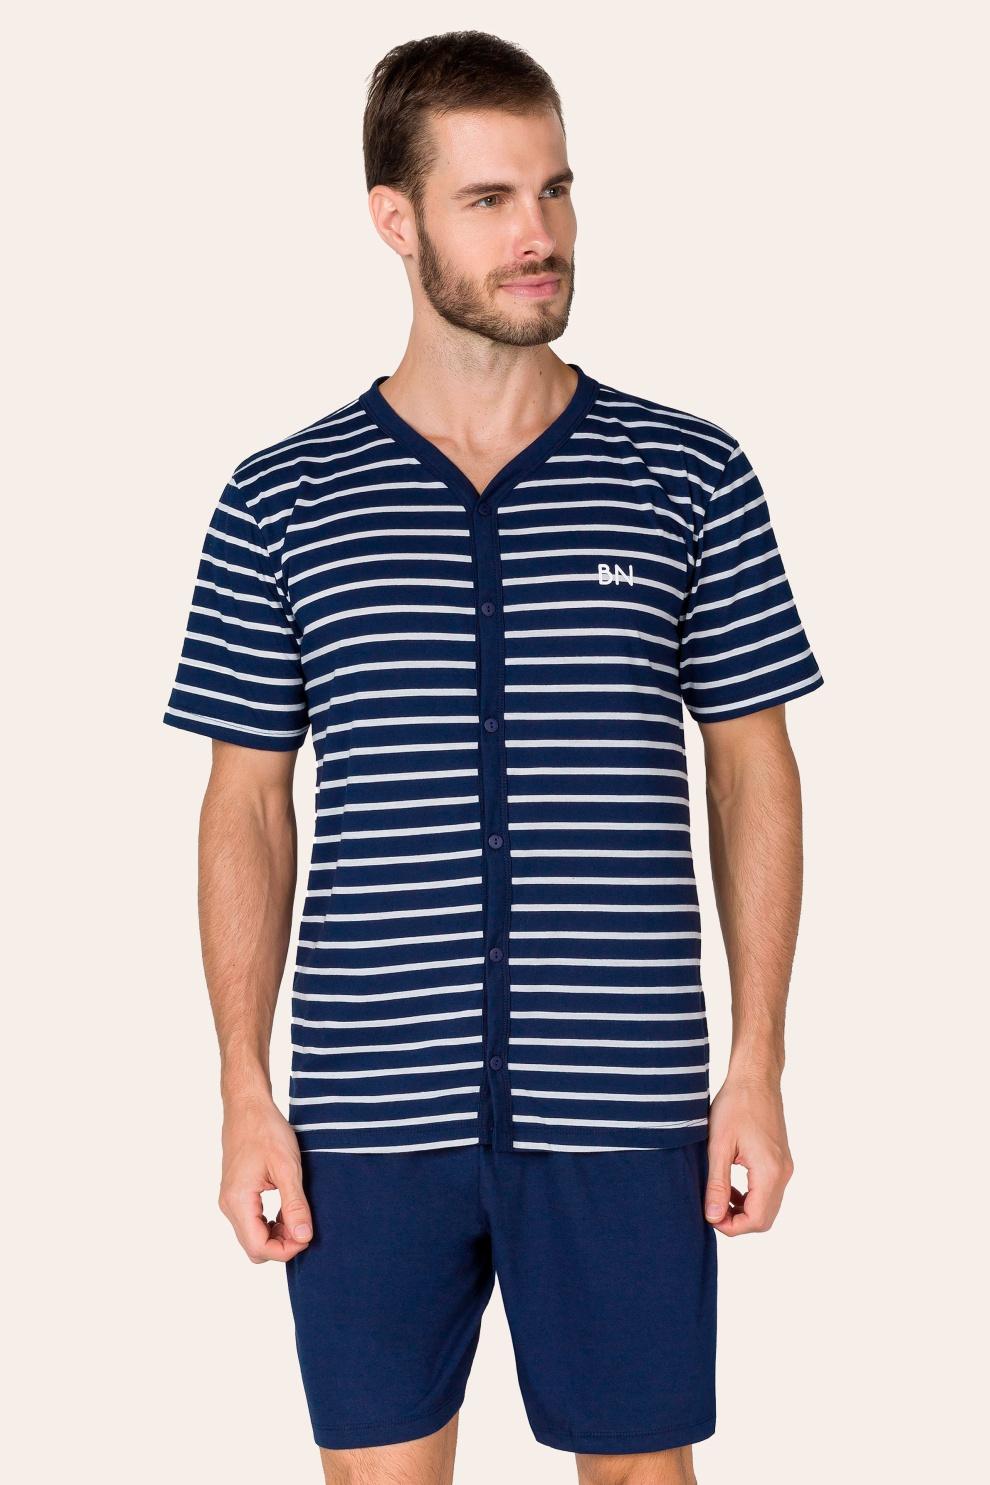 013/A - Pijama Adulto Masculino com Botões Listrado